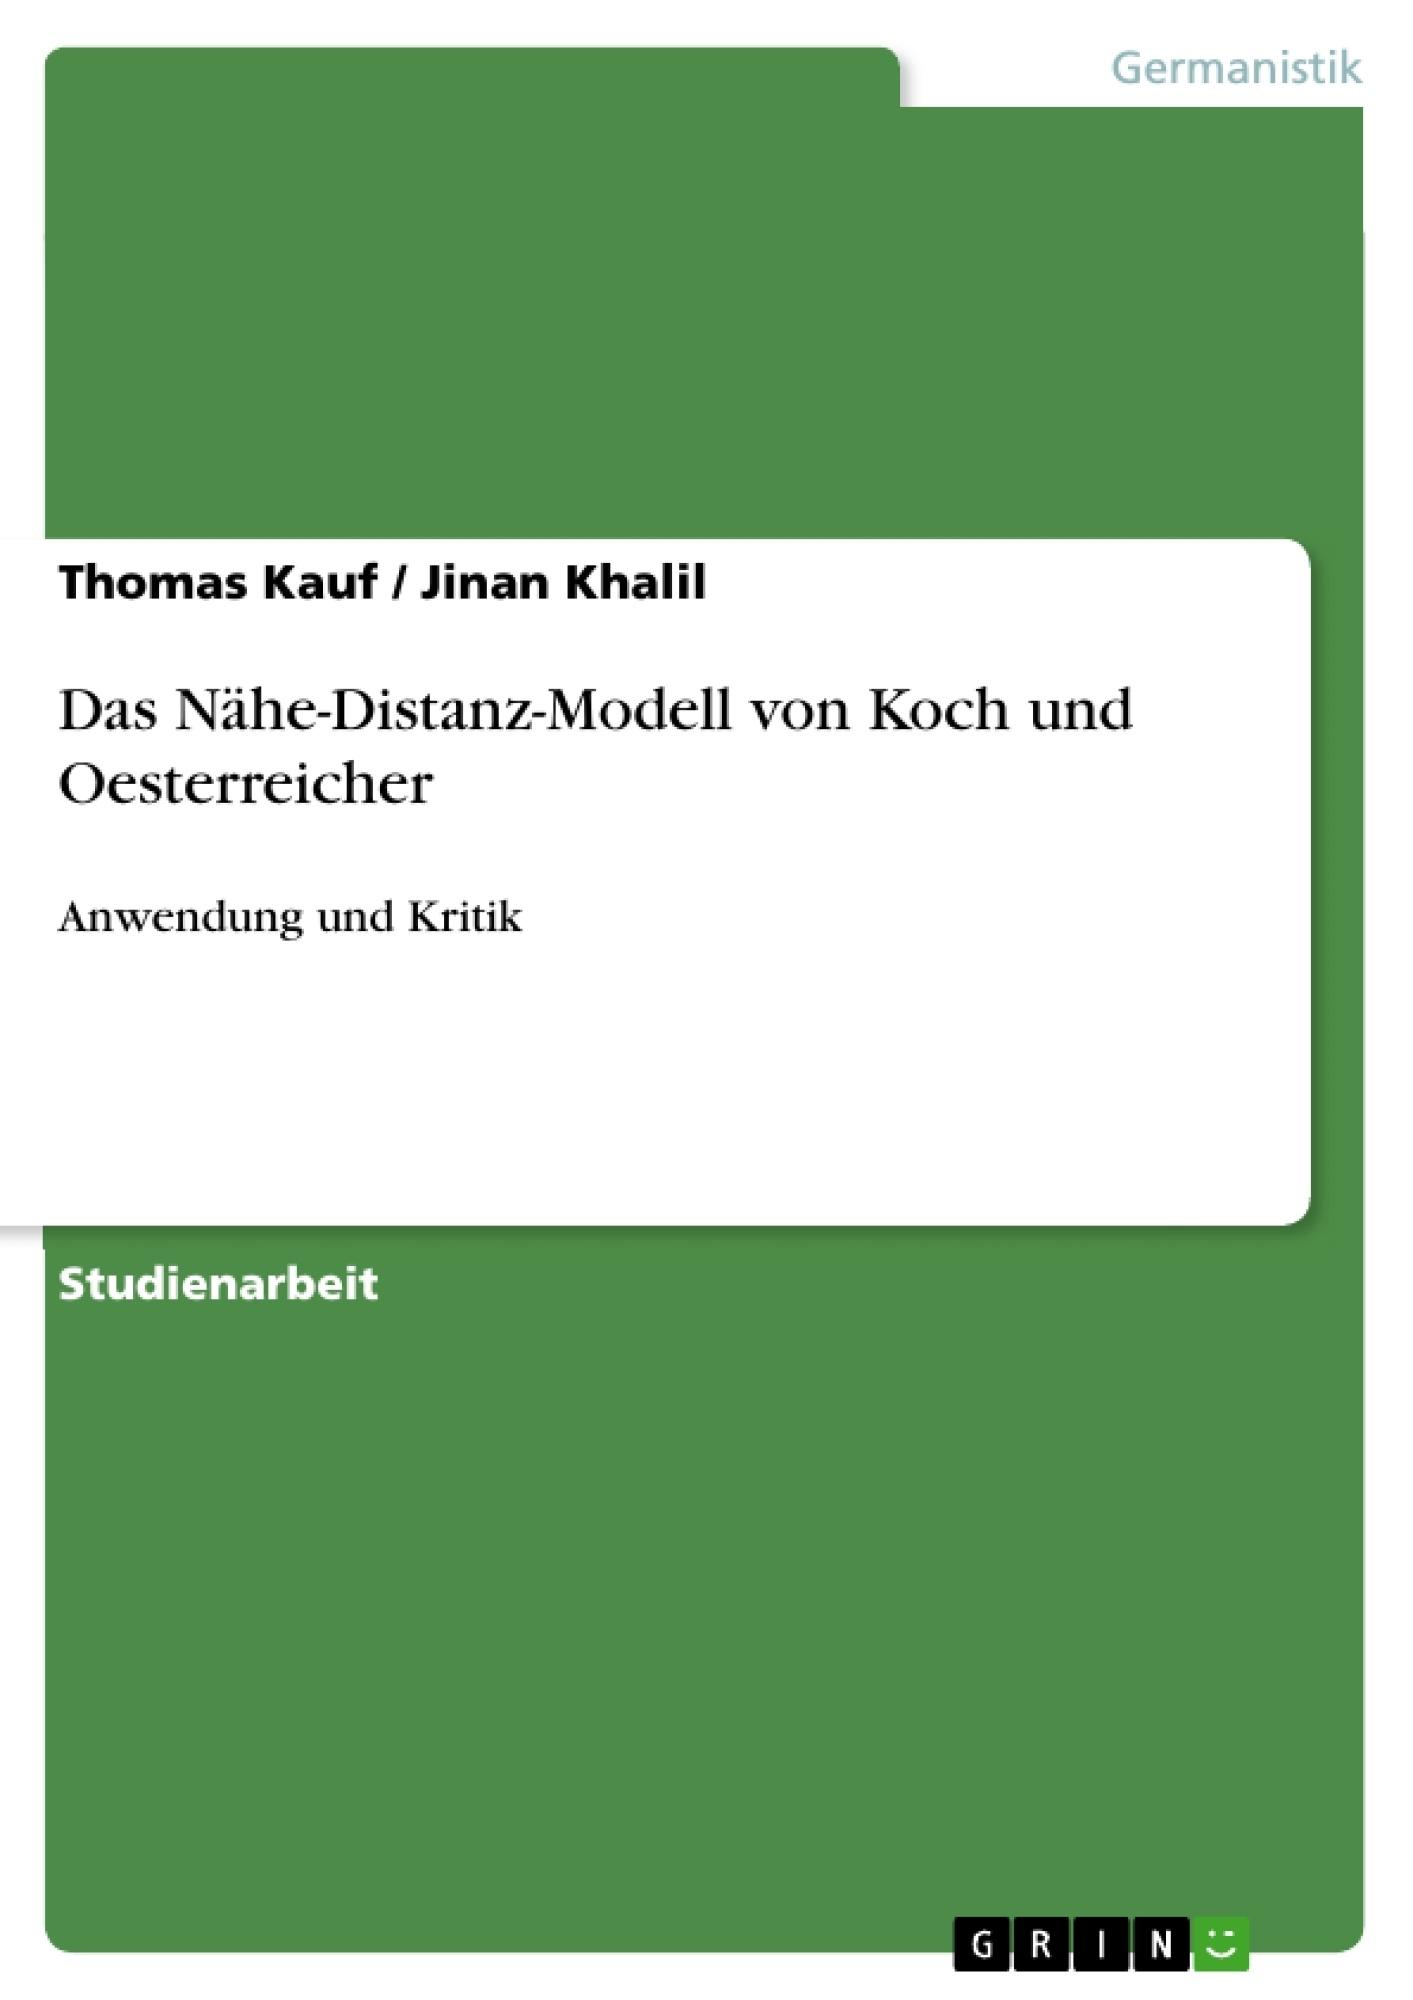 Titel: Das Nähe-Distanz-Modell von Koch und Oesterreicher